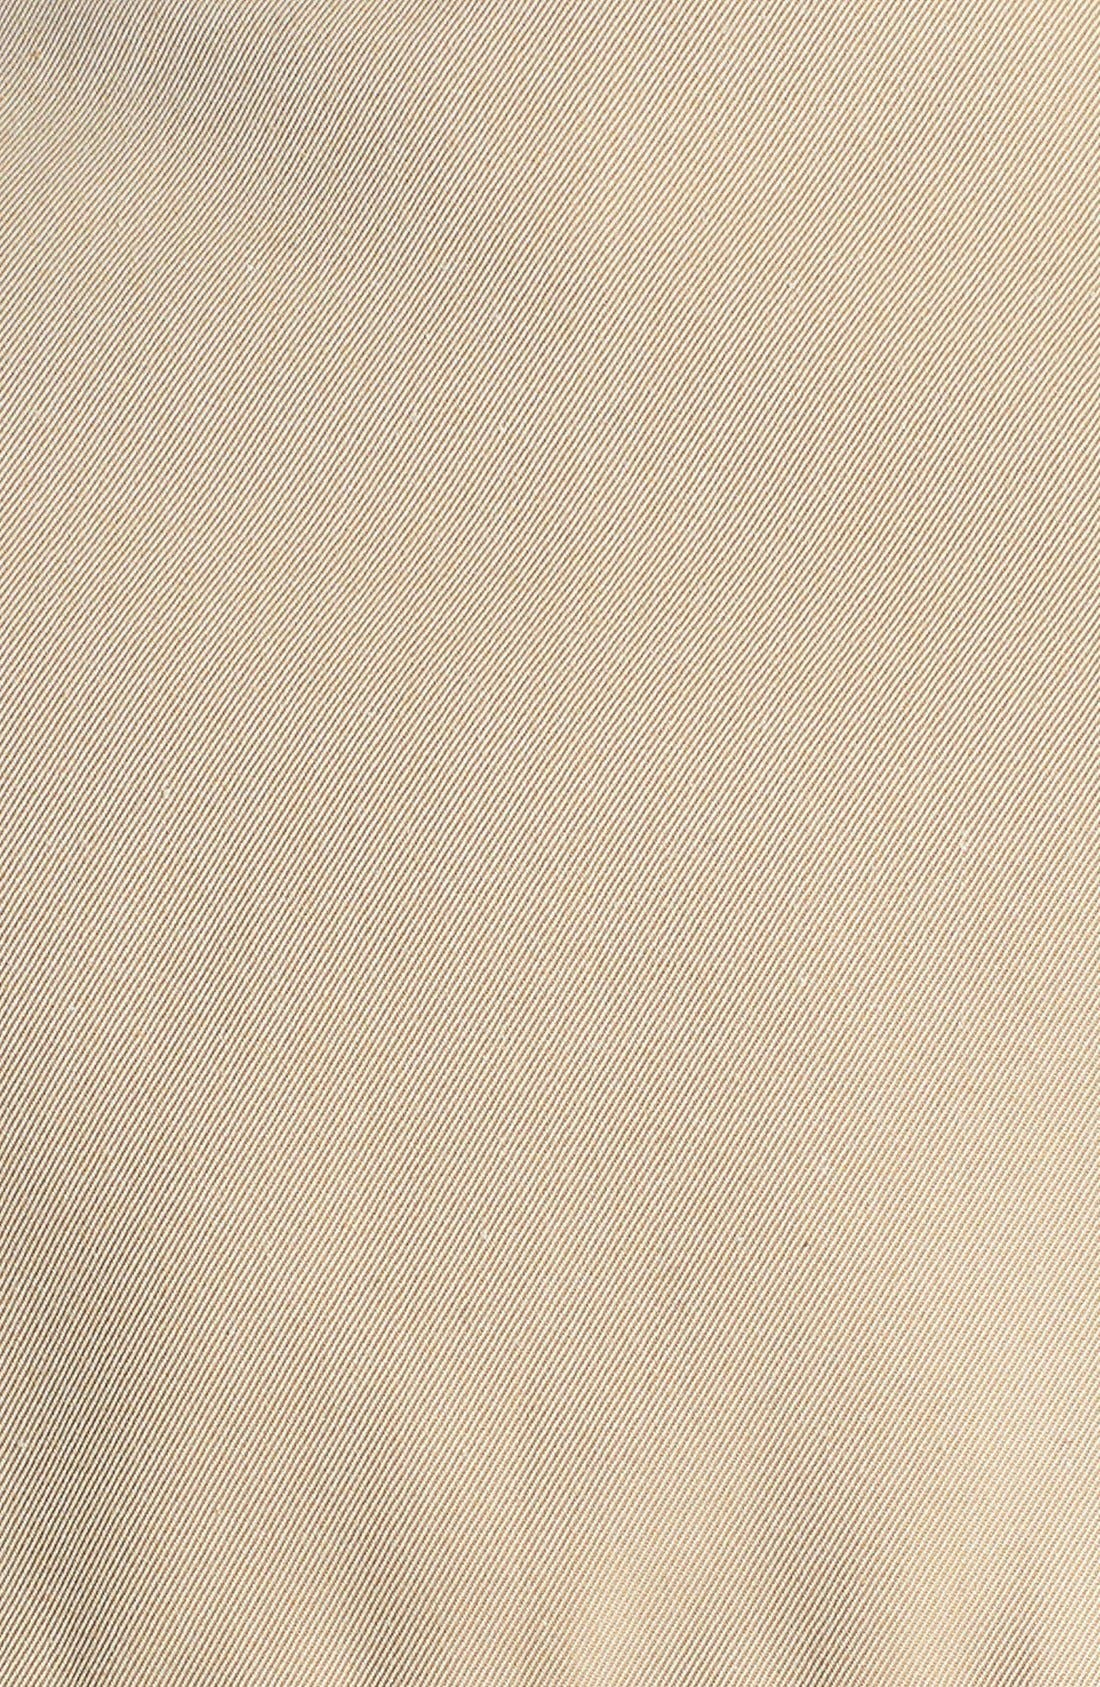 Sandringham Mid Slim Trench Coat,                             Alternate thumbnail 10, color,                             HONEY